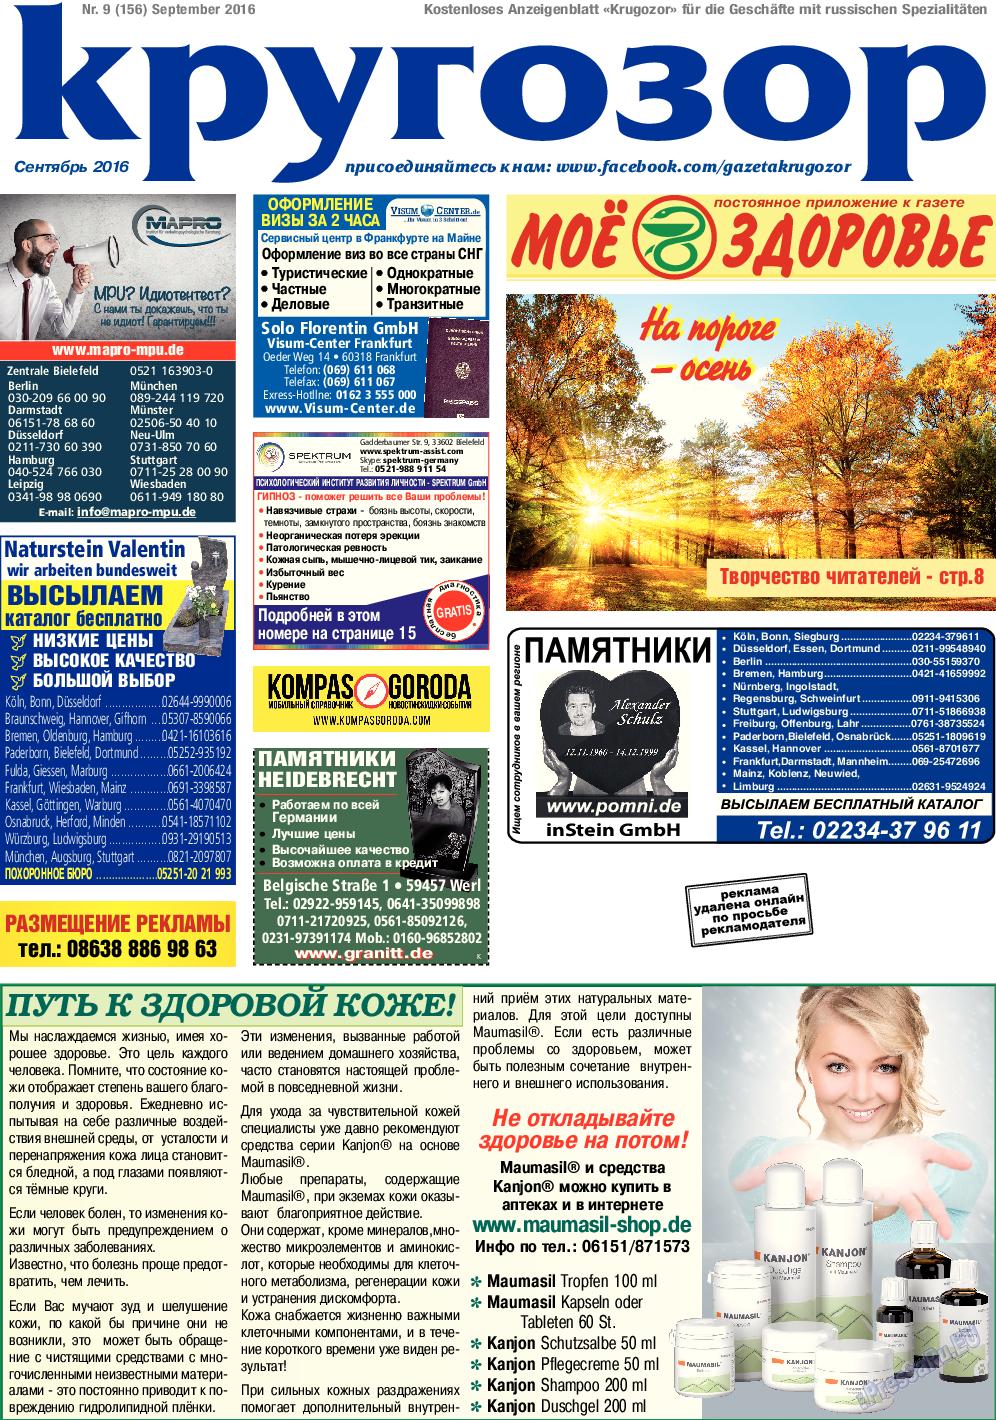 Кругозор (газета). 2016 год, номер 9, стр. 1